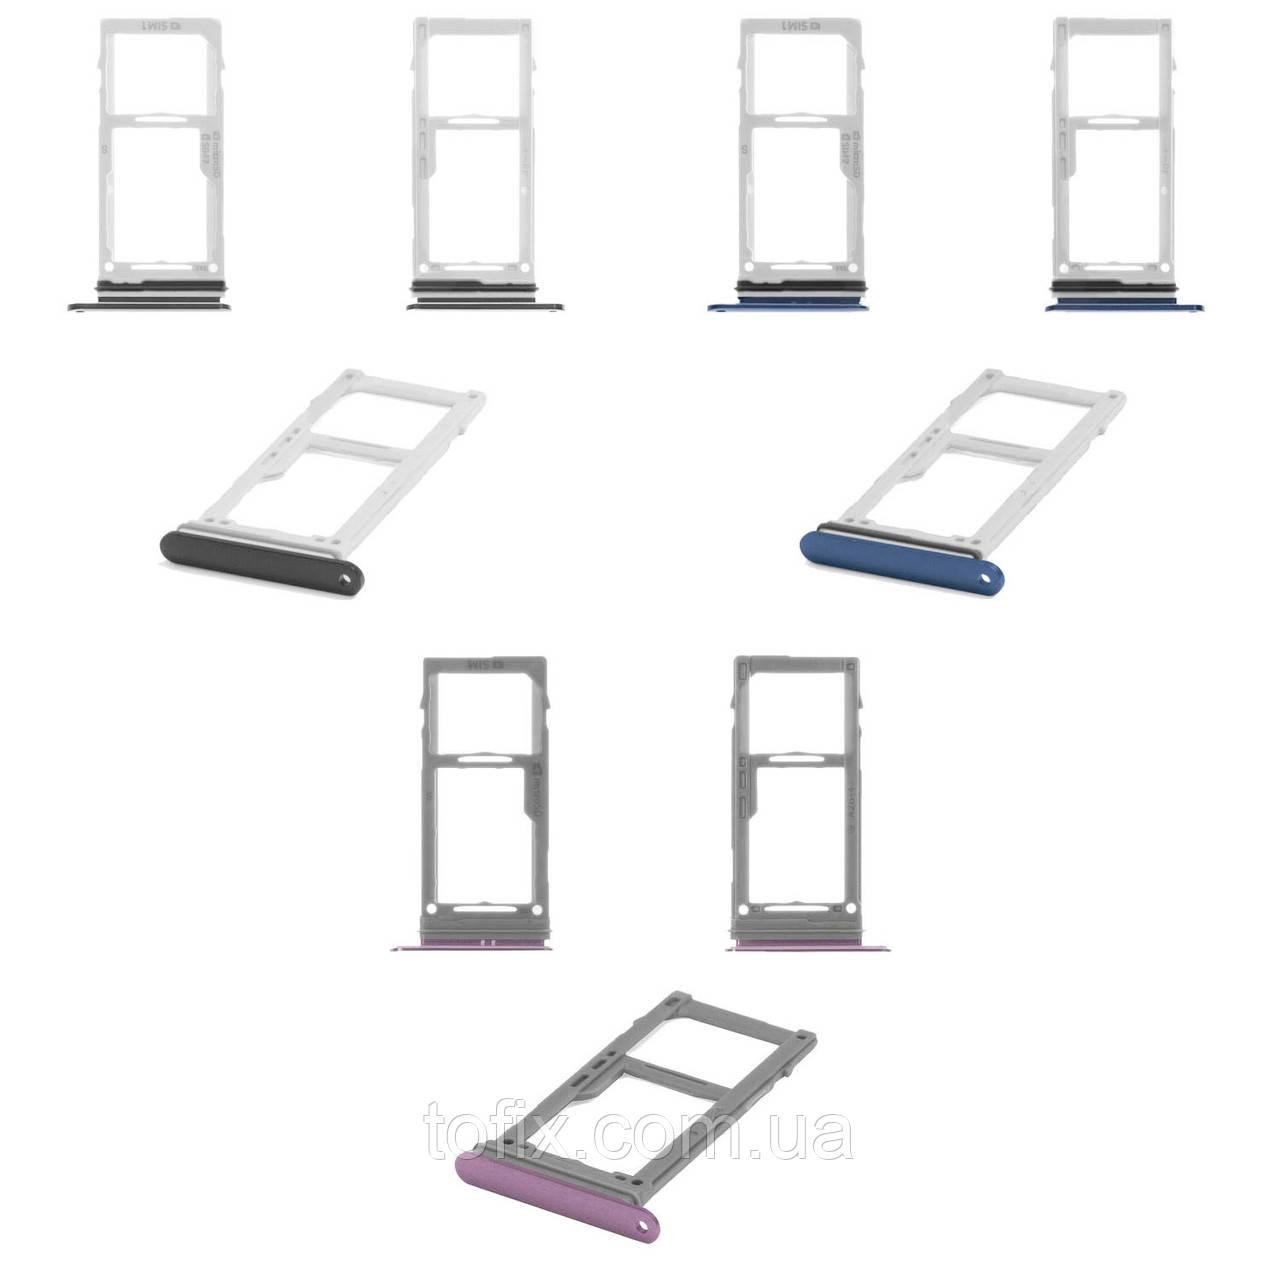 Держатель SIM-карты для Samsung G960F Galaxy S9, c держателем MMC, dual SIM, оригинал